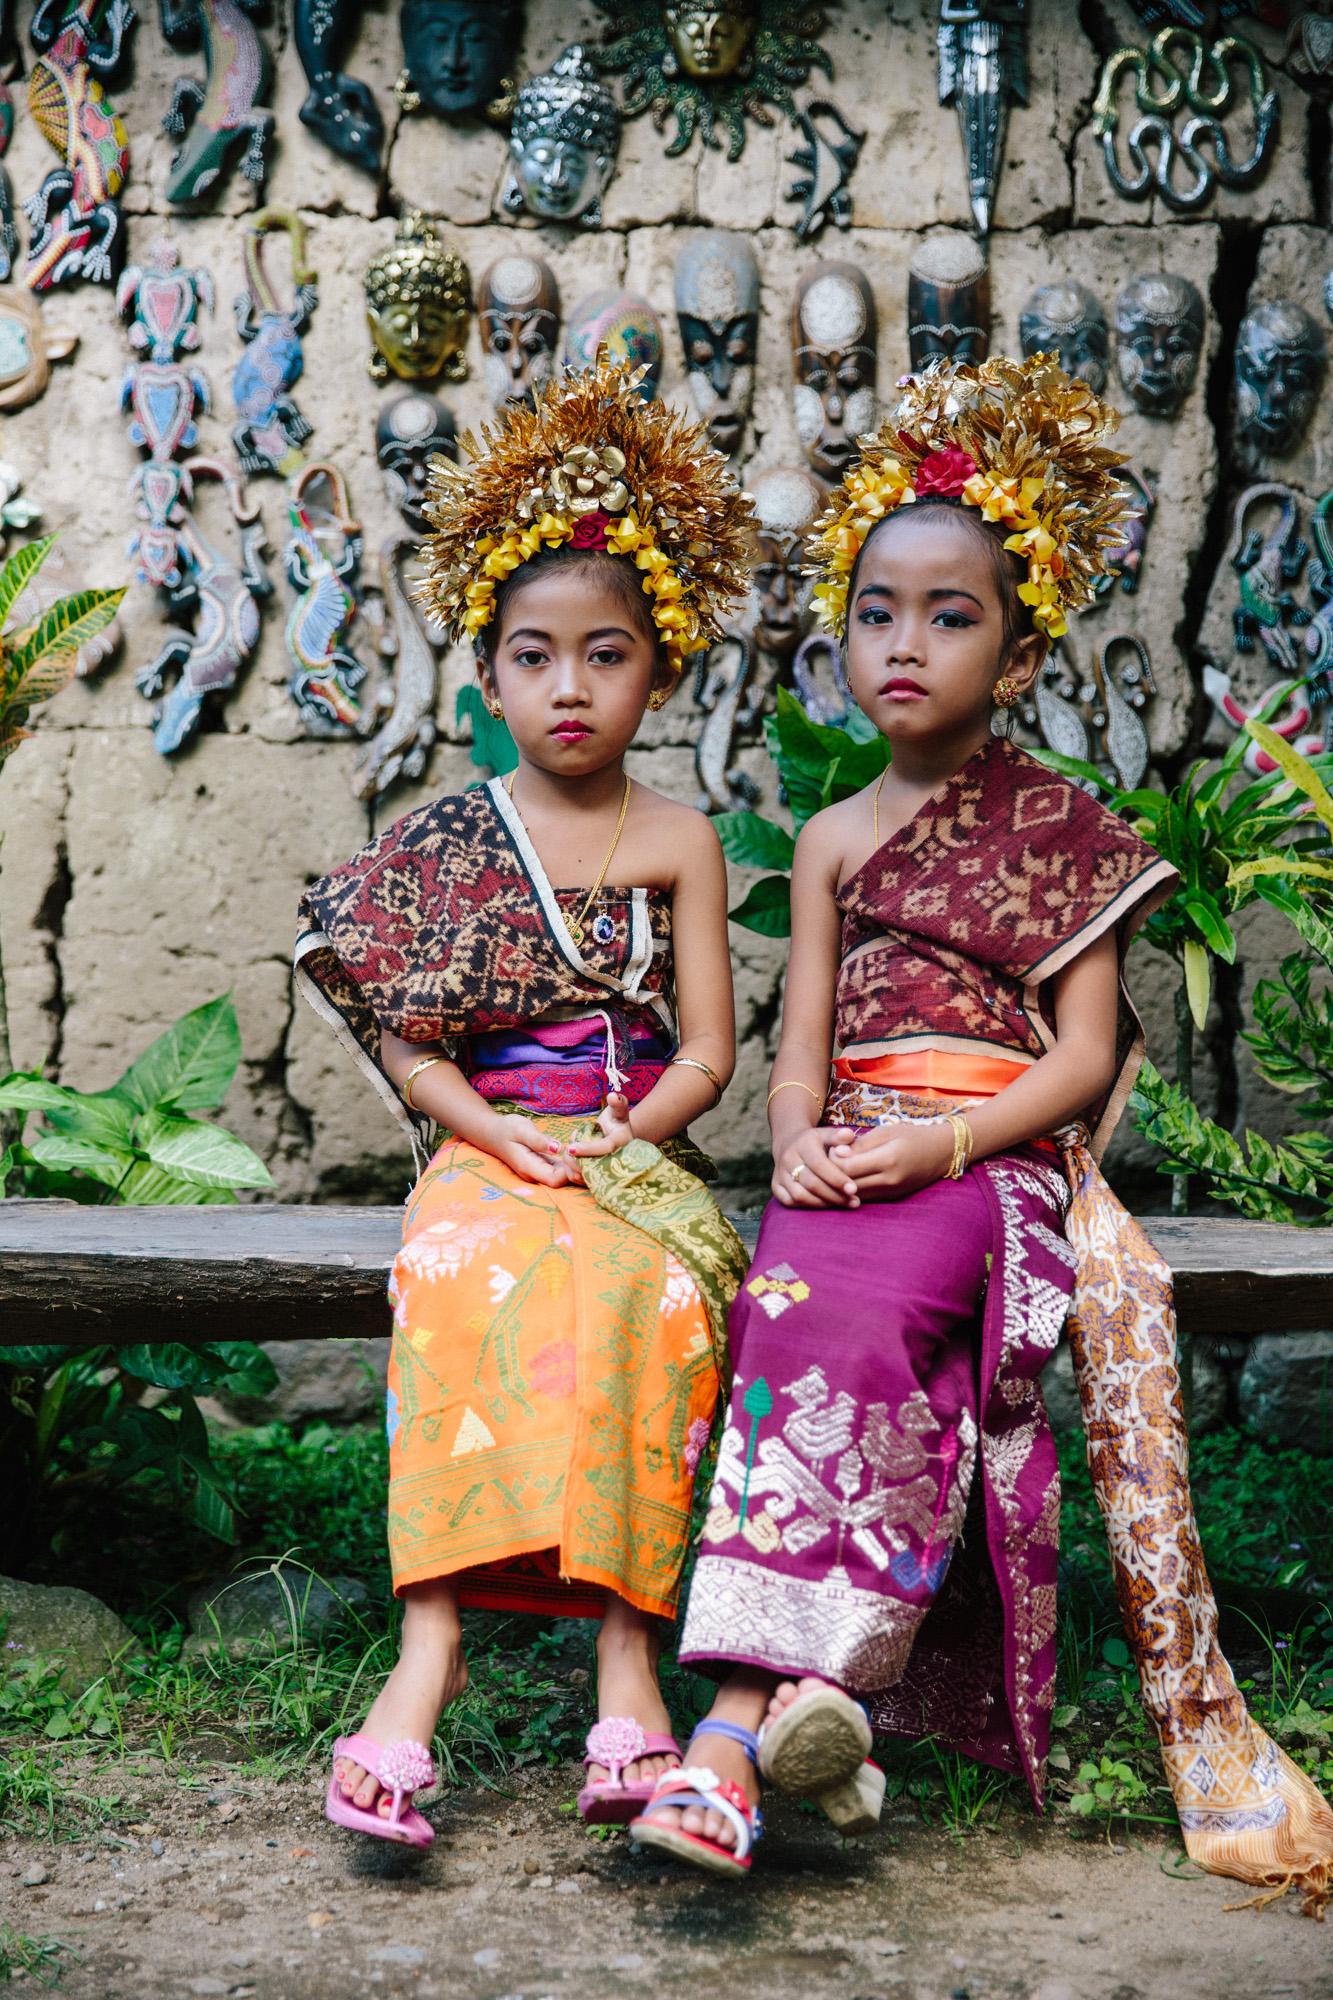 AGP_Bali_022.jpg